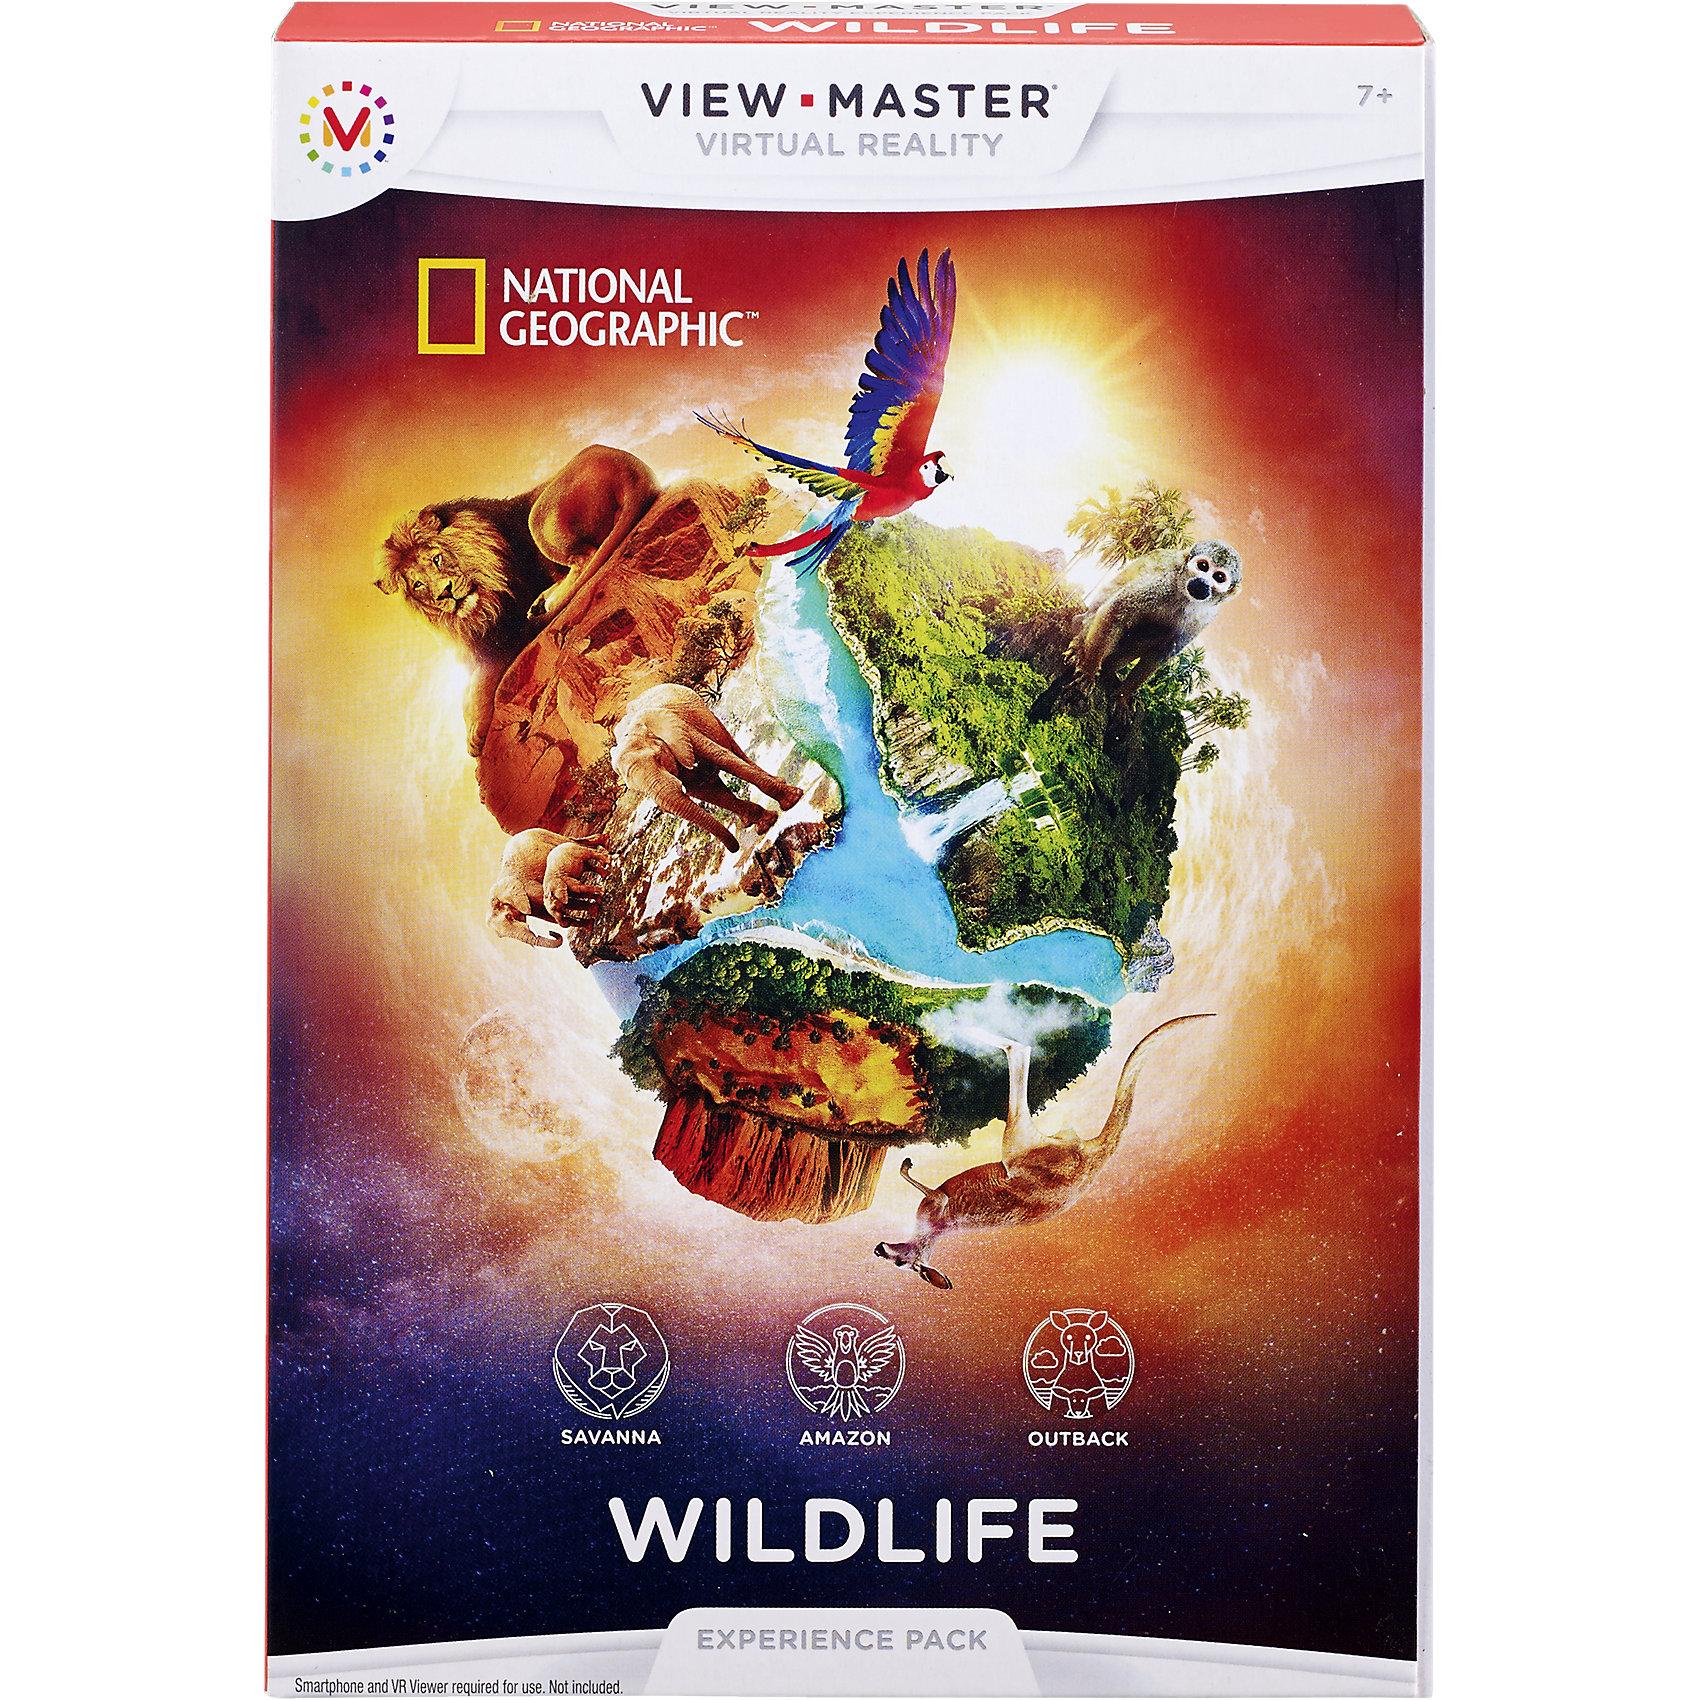 Mattel Приложение Дикая природа для системы View Master инфузионные системы купить с доставкой